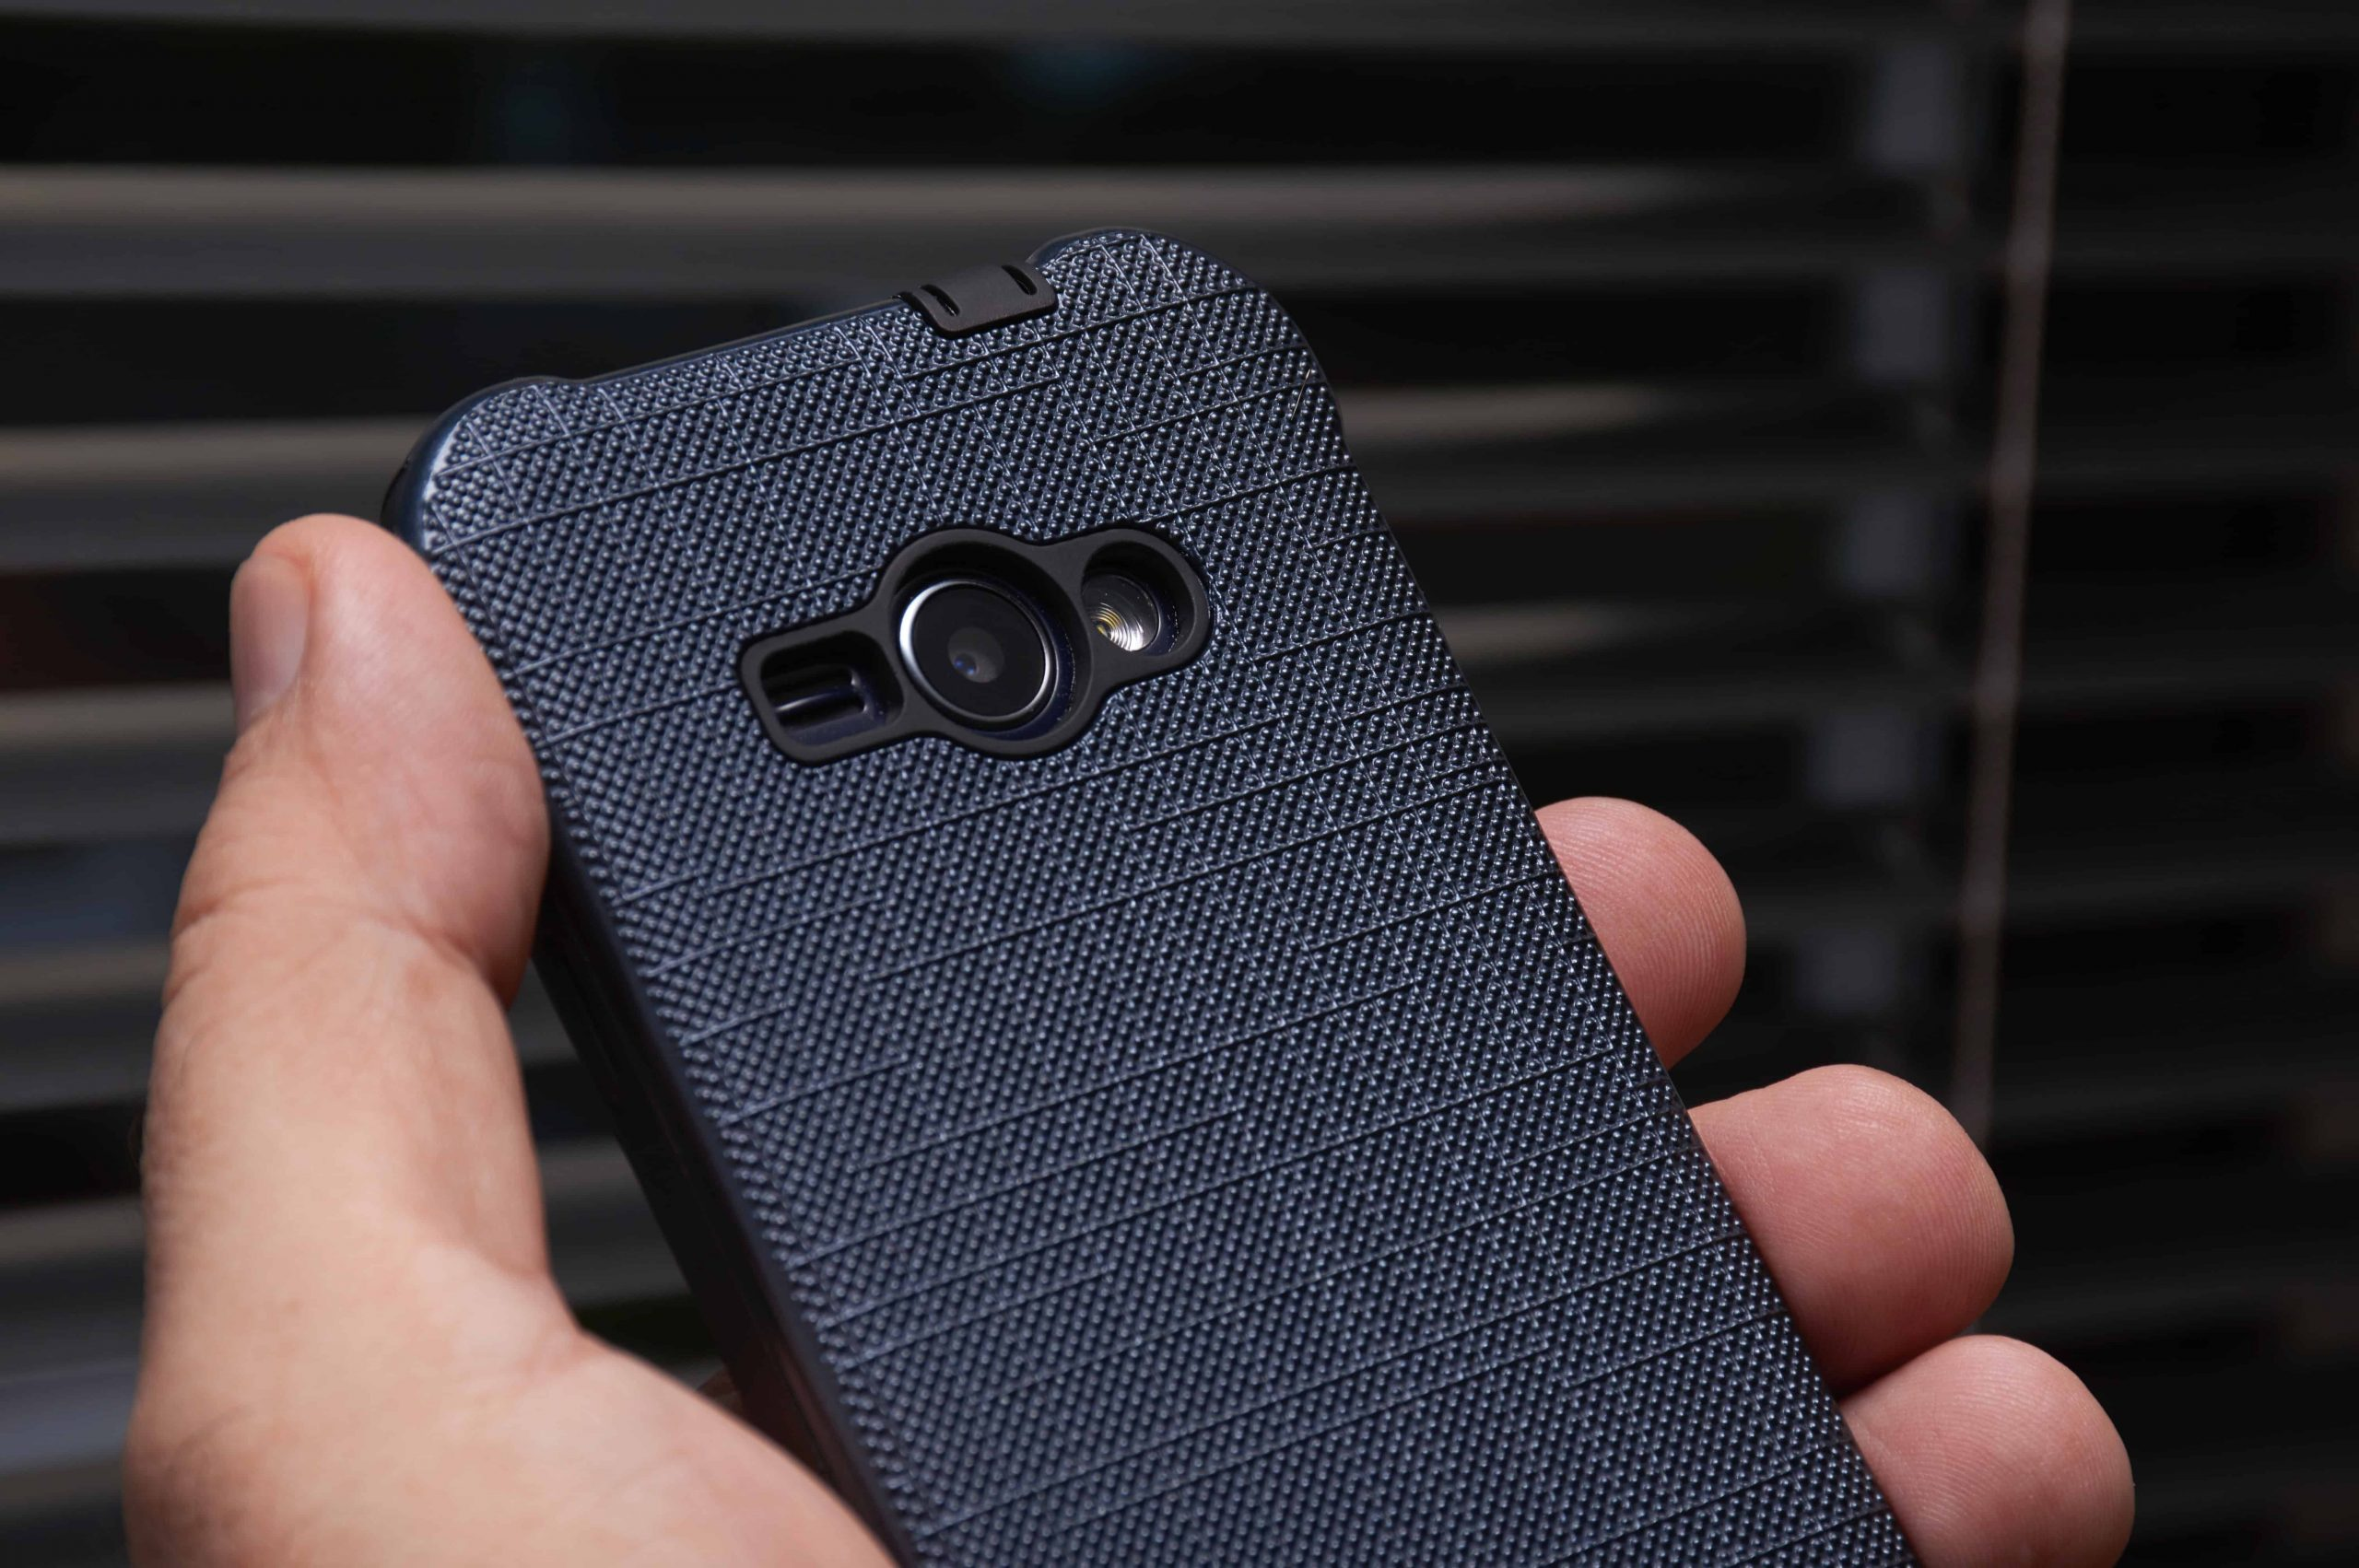 Foto de uma mão, aparentemente masculina, segurando um telefone celular com uma capinha azul escura e detalhes pretos.